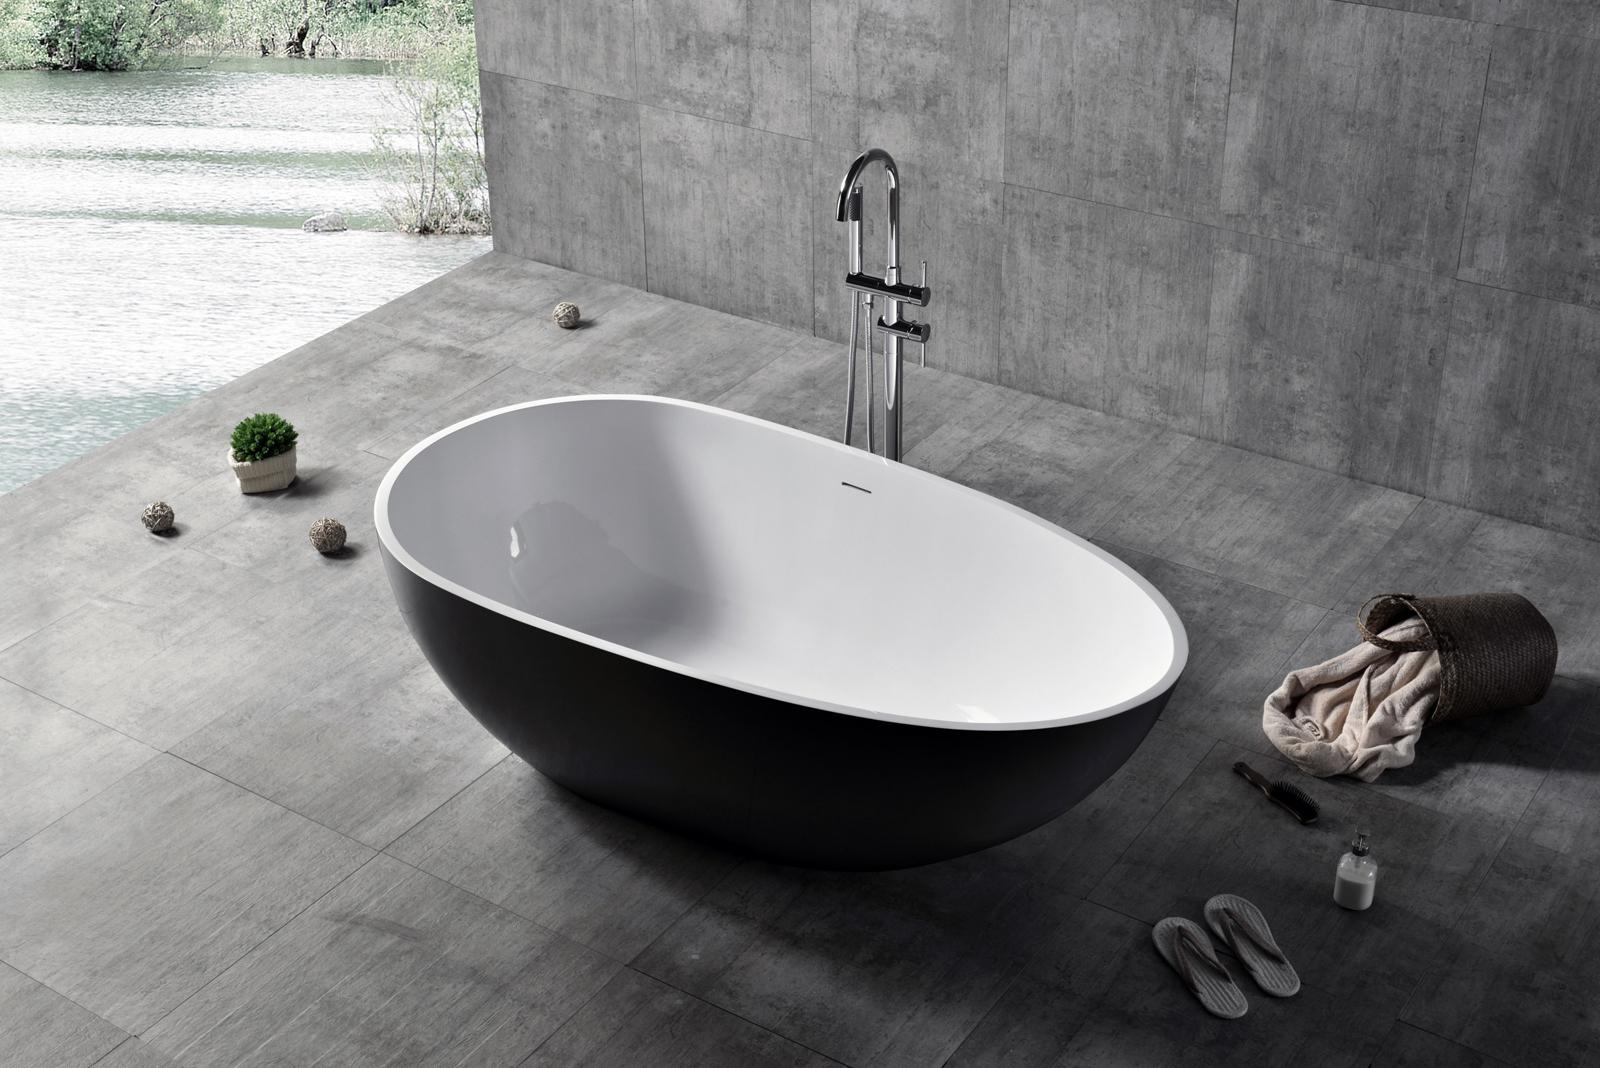 Dimensioni Vasca Da Bagno Tradizionale : Vasca bagno novellini divina f standard incasso colore finitura